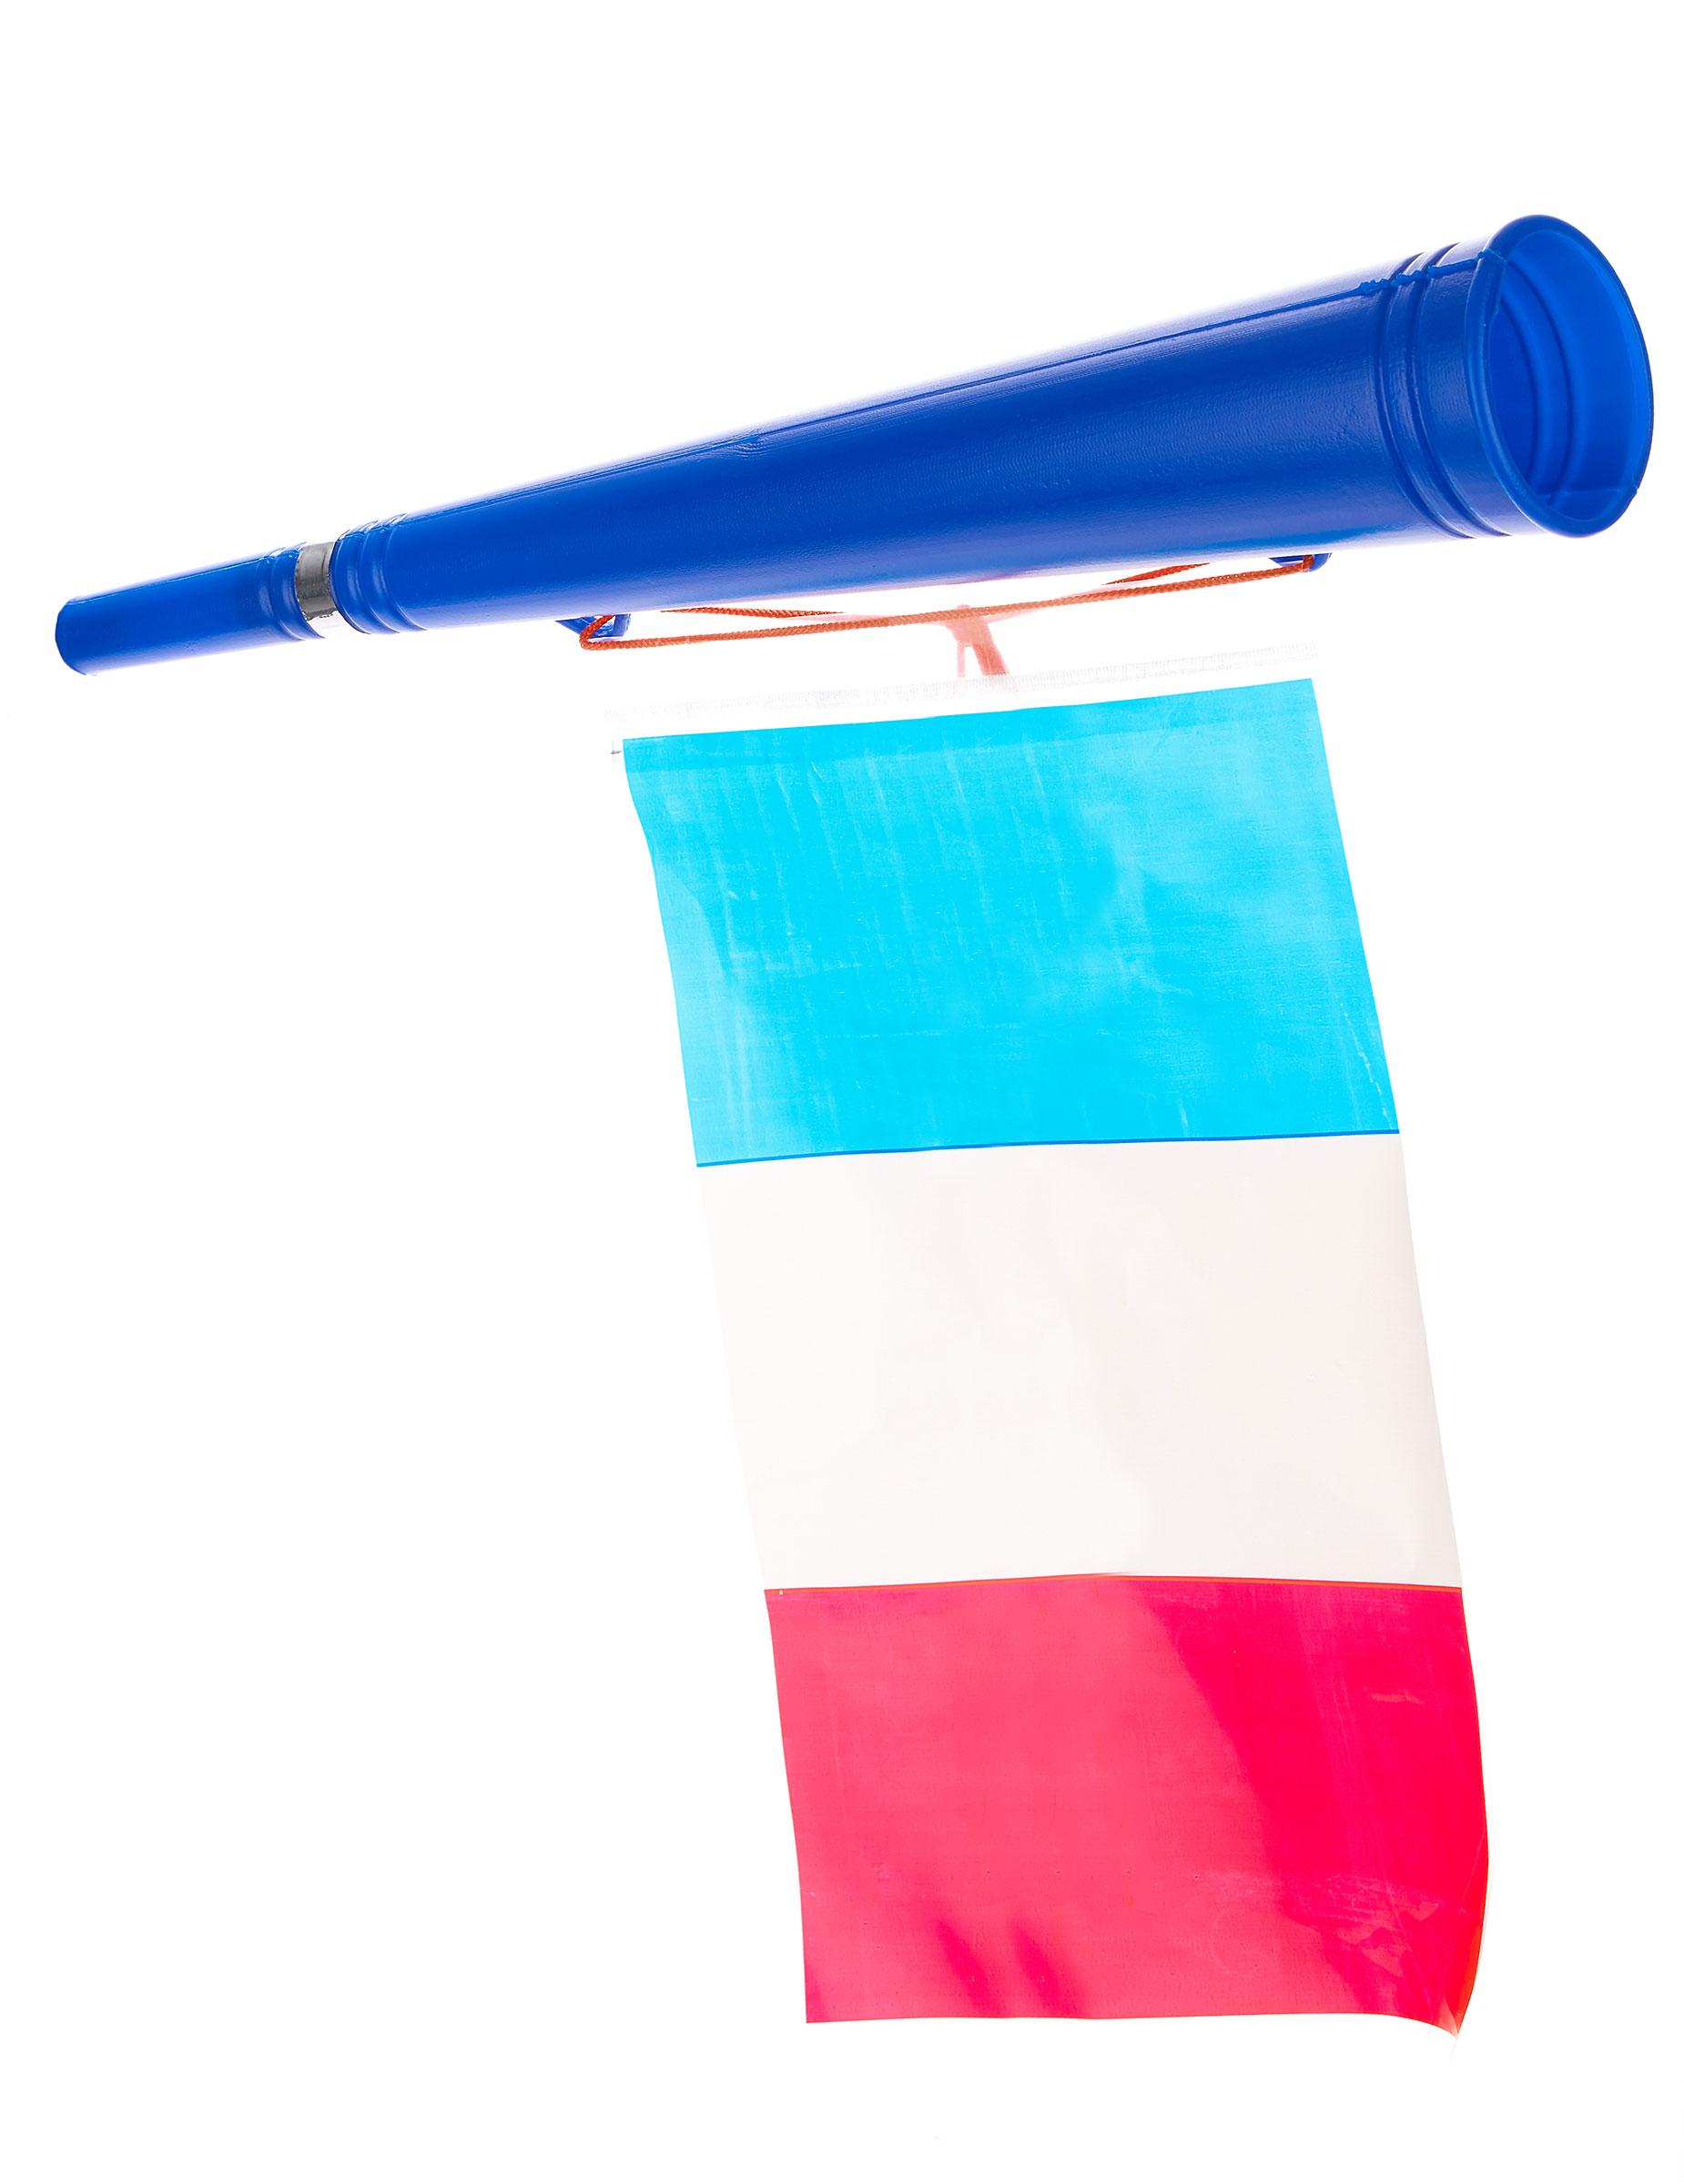 Trombetta Calcio Con Bandiera Francese Accessorie Vestiti Di